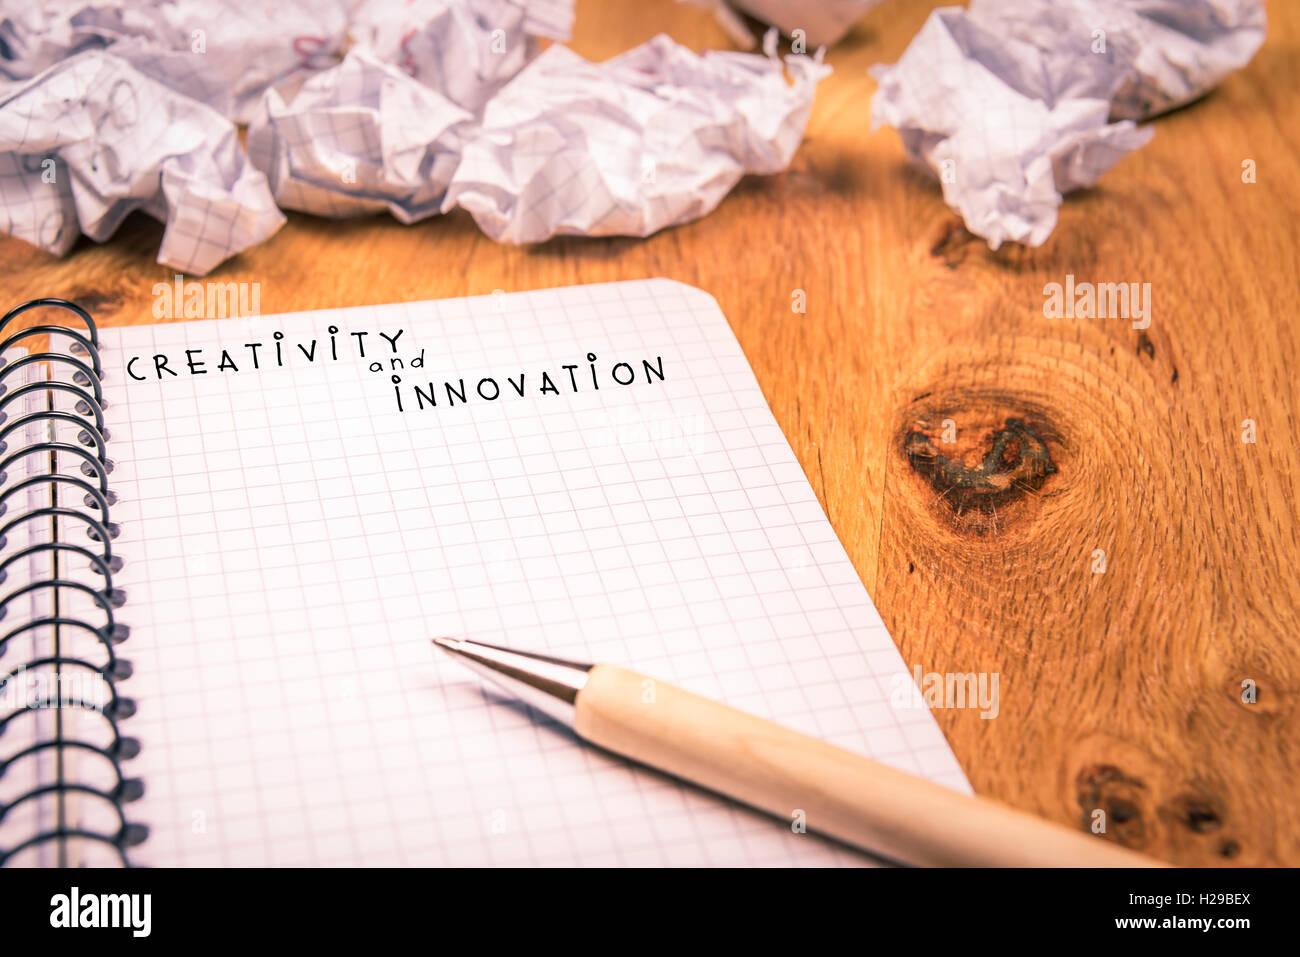 Concepto de creatividad e innovación Imagen De Stock